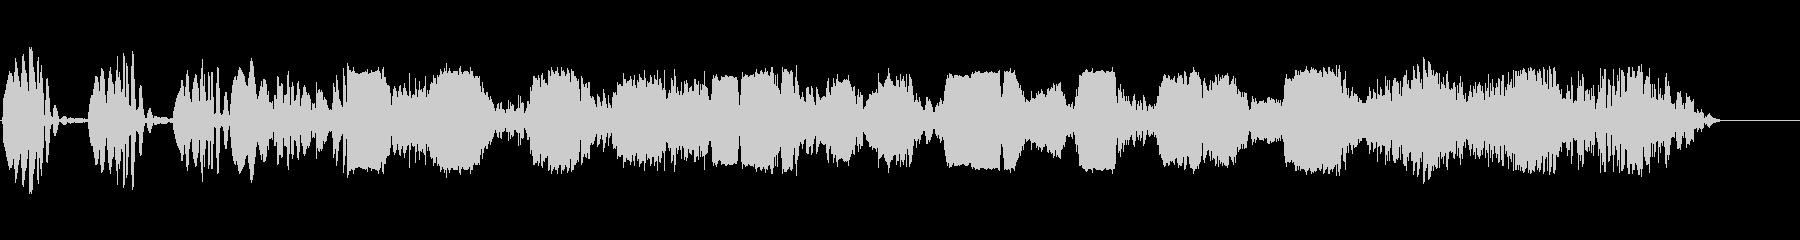 ZapAccents EC09_42_3の未再生の波形